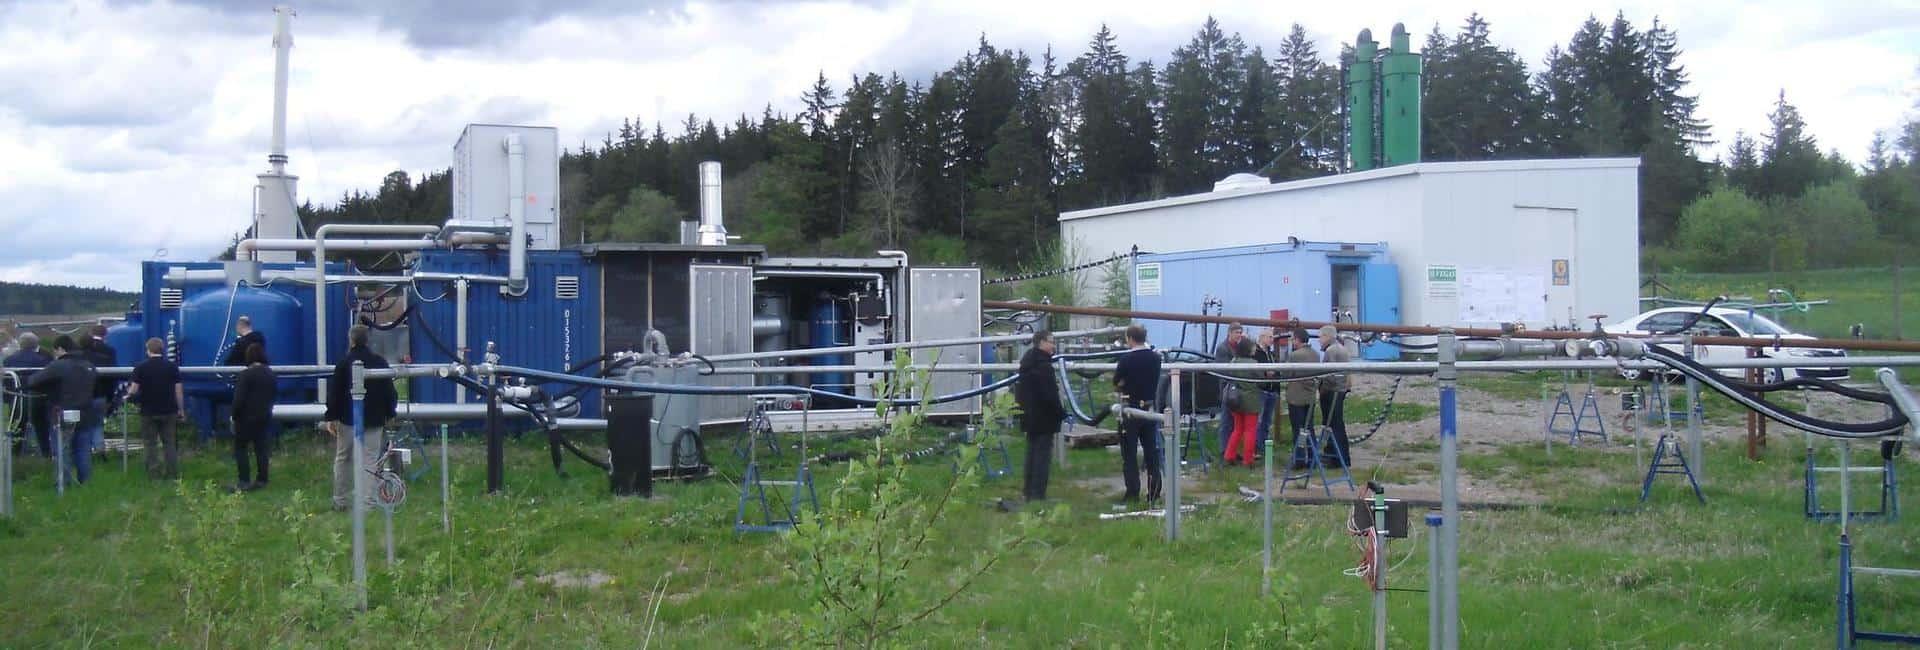 reconsite - Dampfinjektion zur CKW-Sanierung